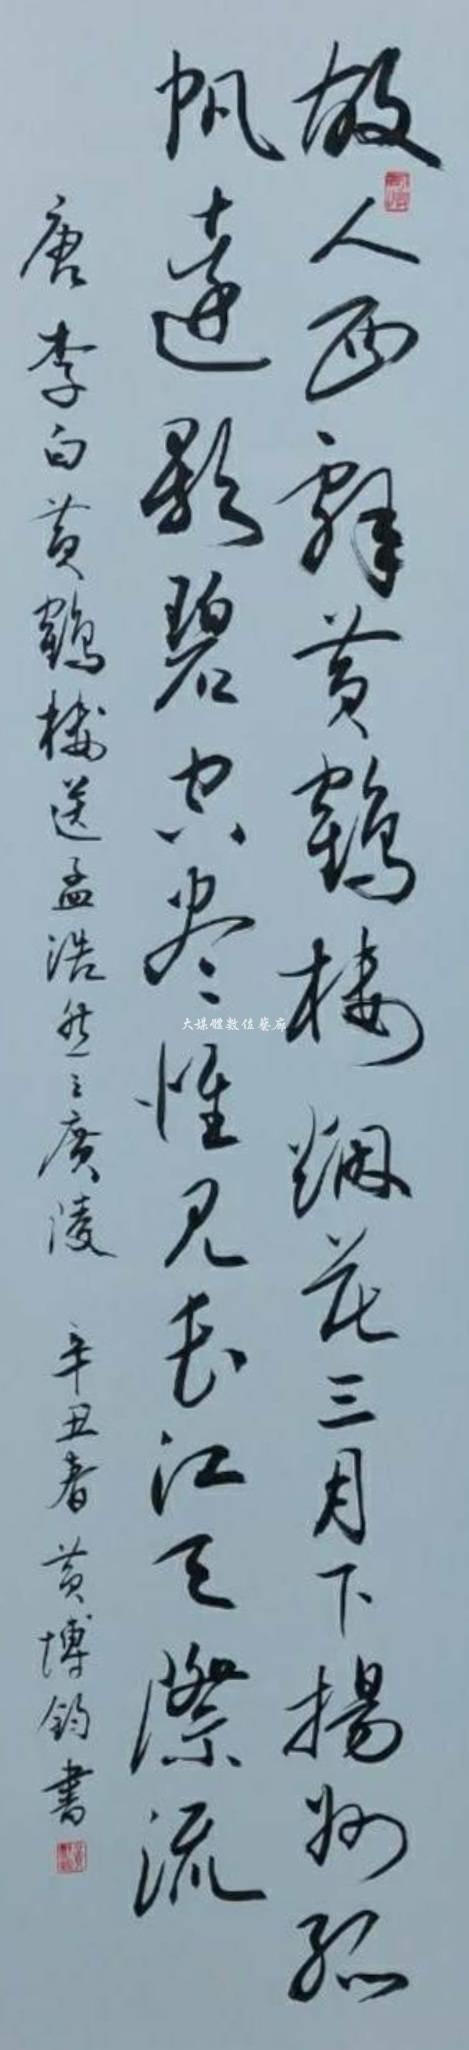 書法 李白黃鶴樓詩